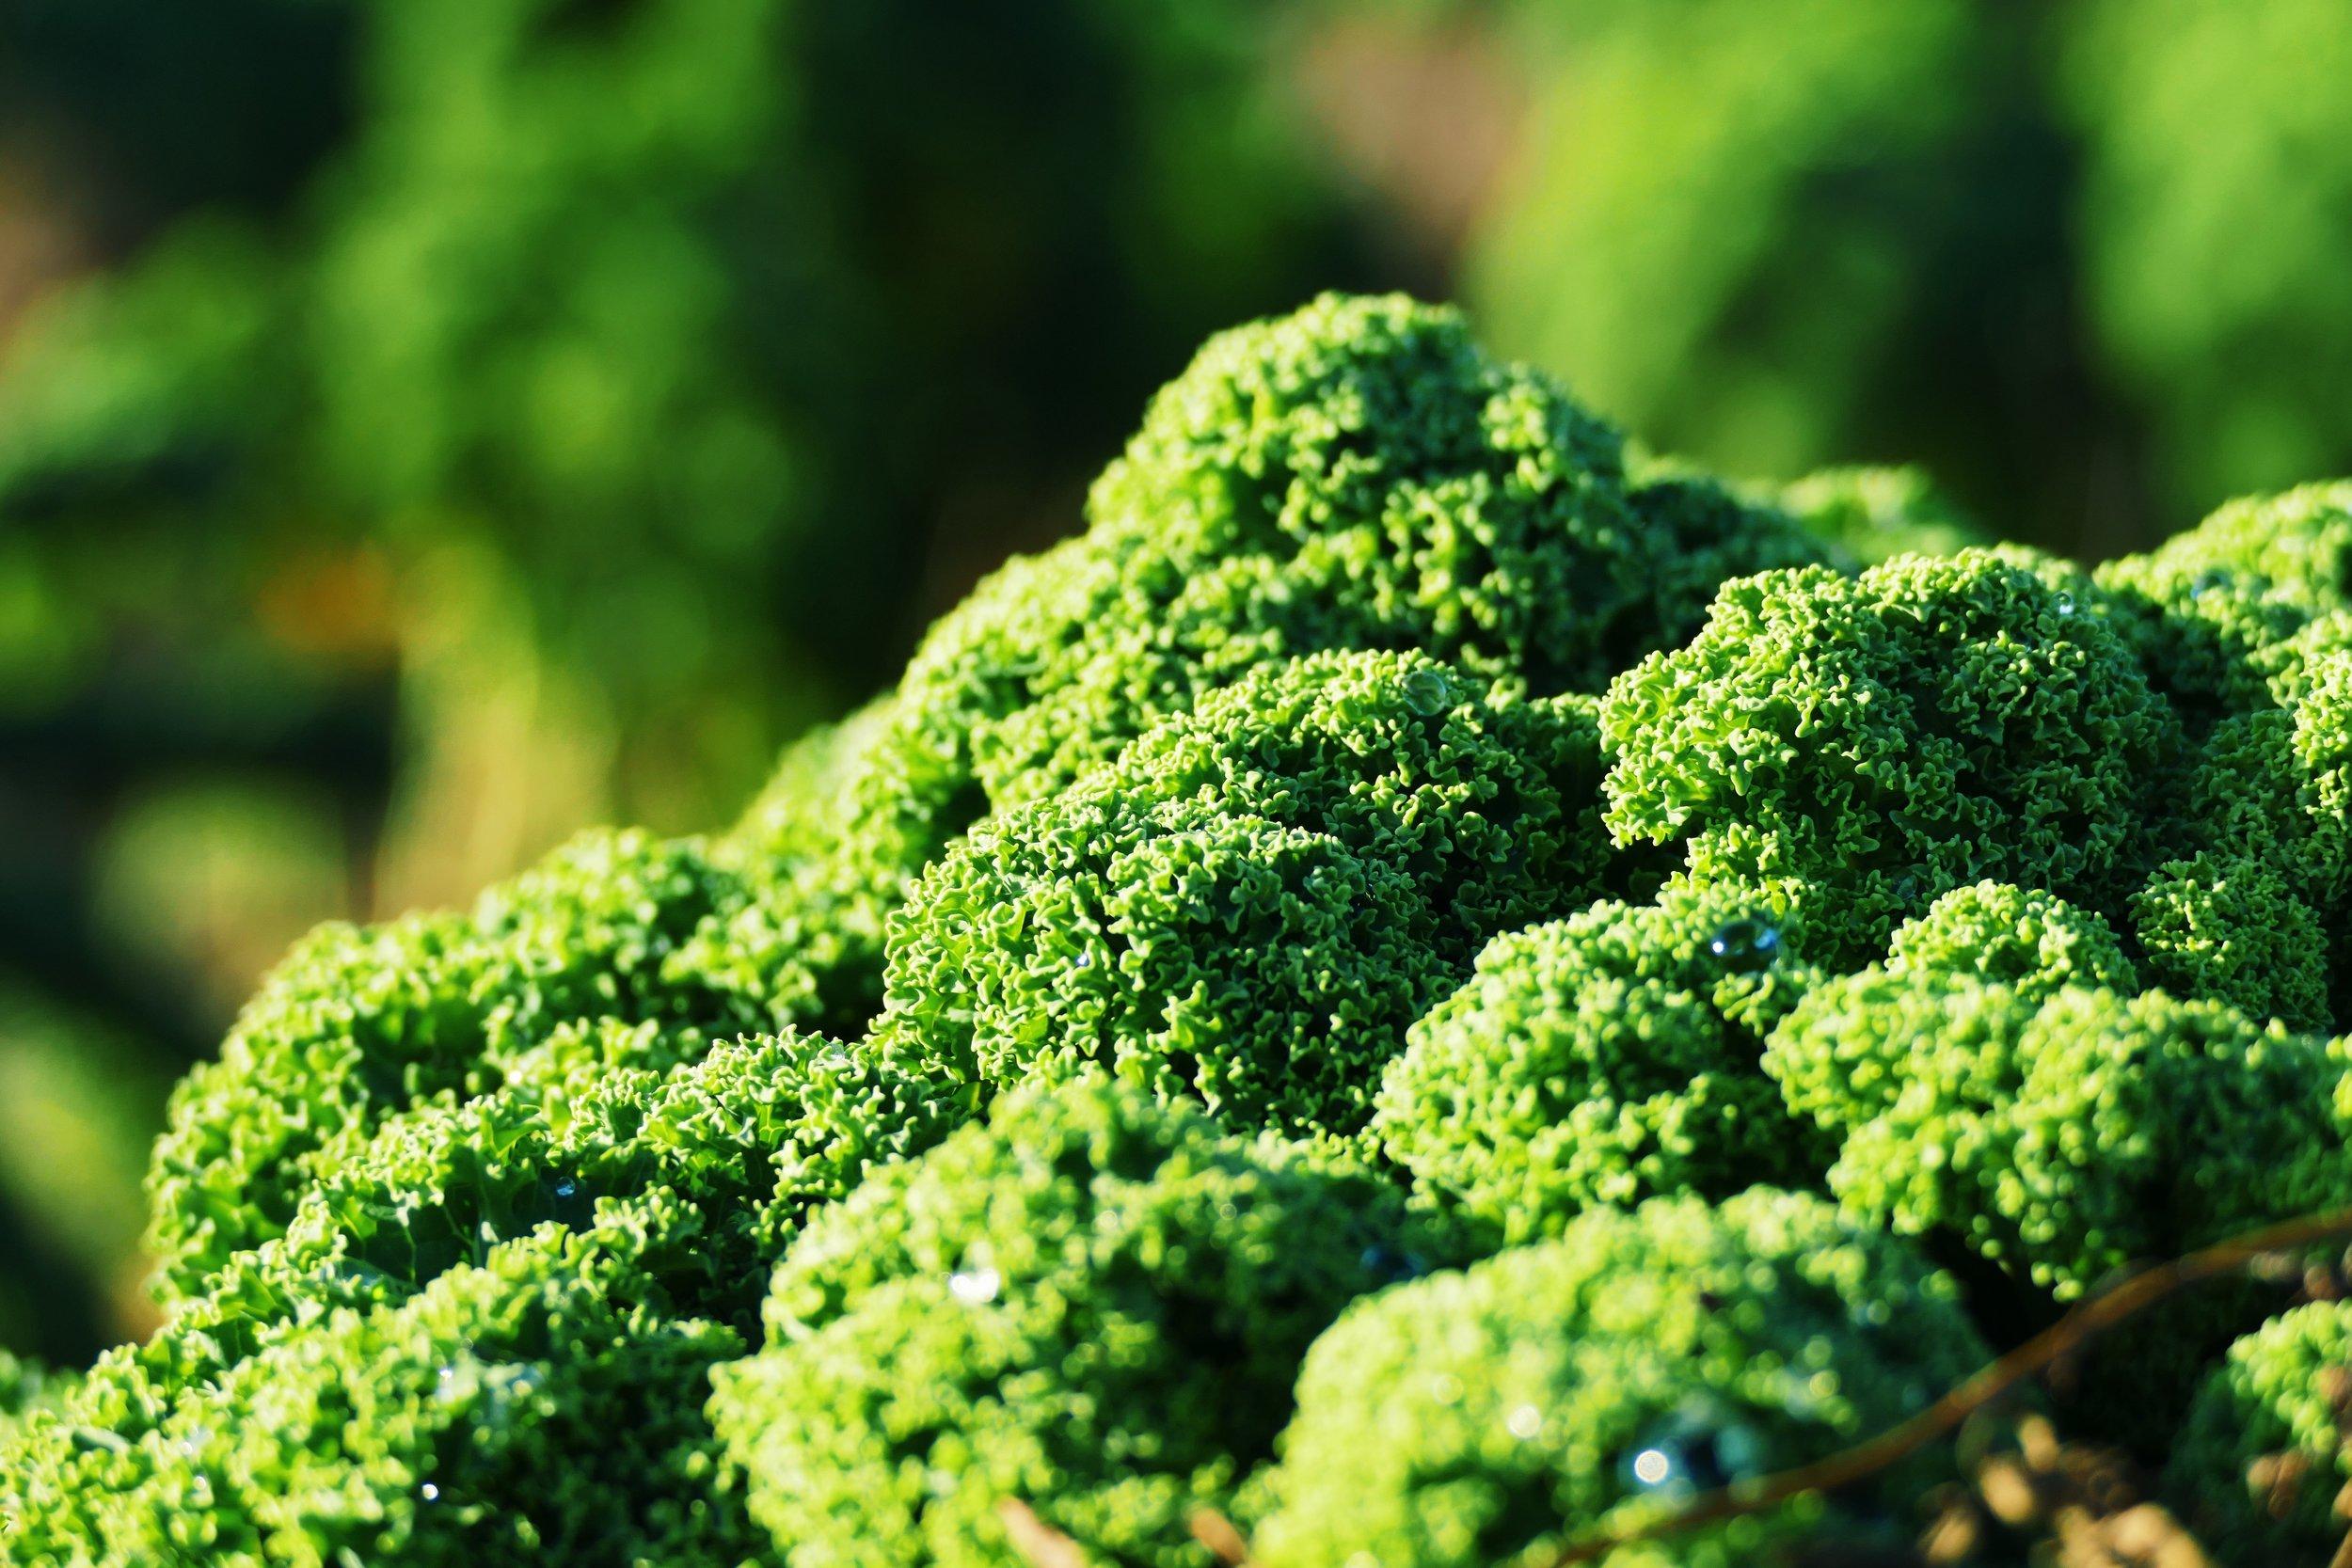 (c) Julz // Grün und knackig, so muss er sein. Die in der Sonne schmelzenden Schneetropfen geben ihm den besonderen Frischekick.